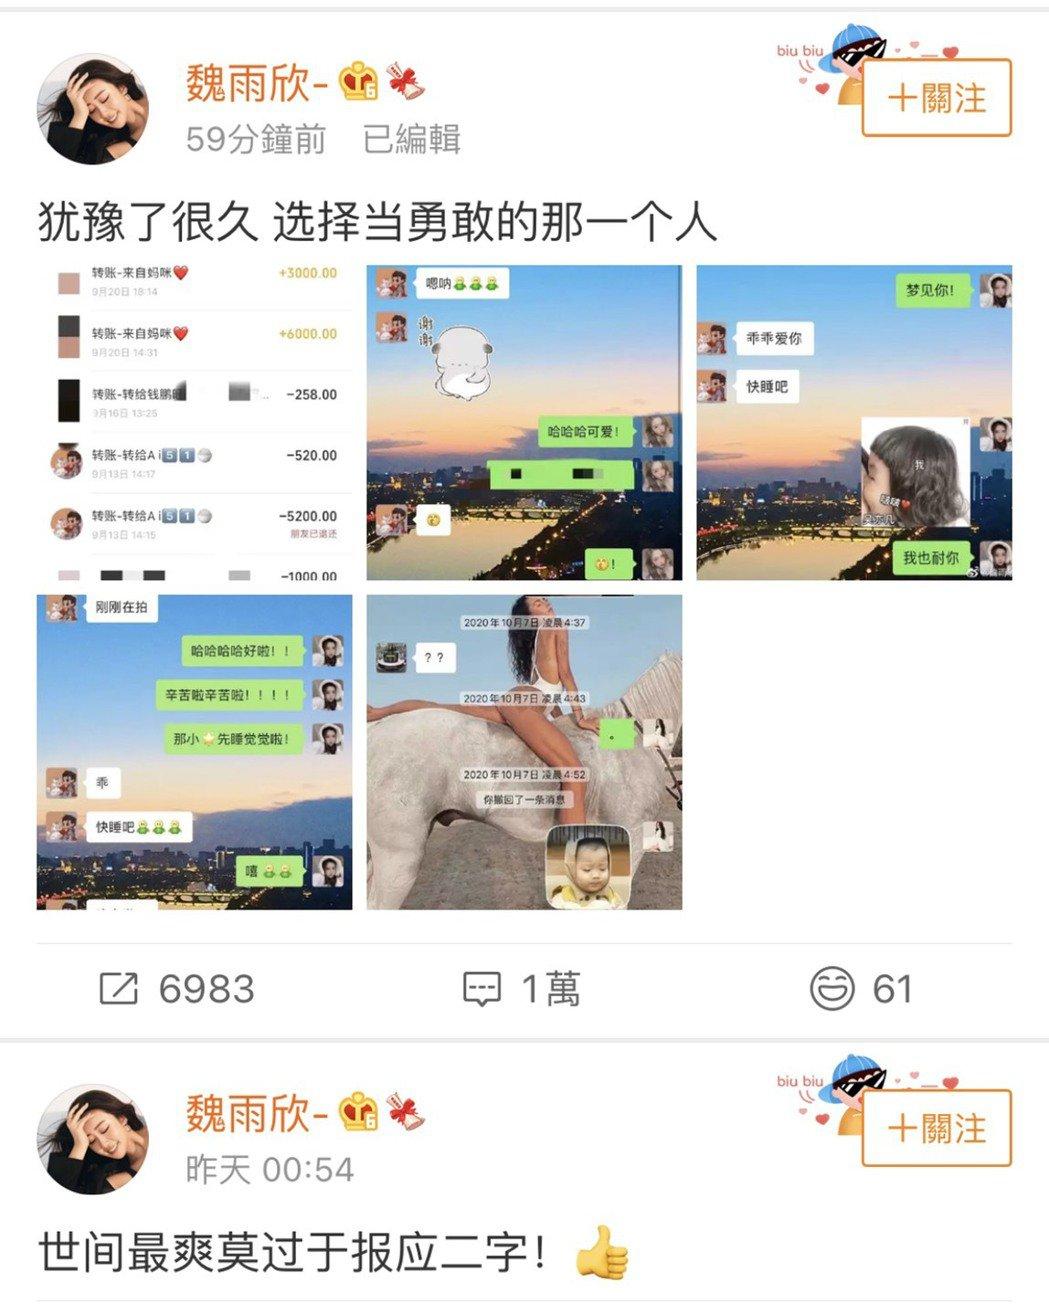 魏雨欣曬了和吳亦凡的聊天紀錄。圖/摘自微博